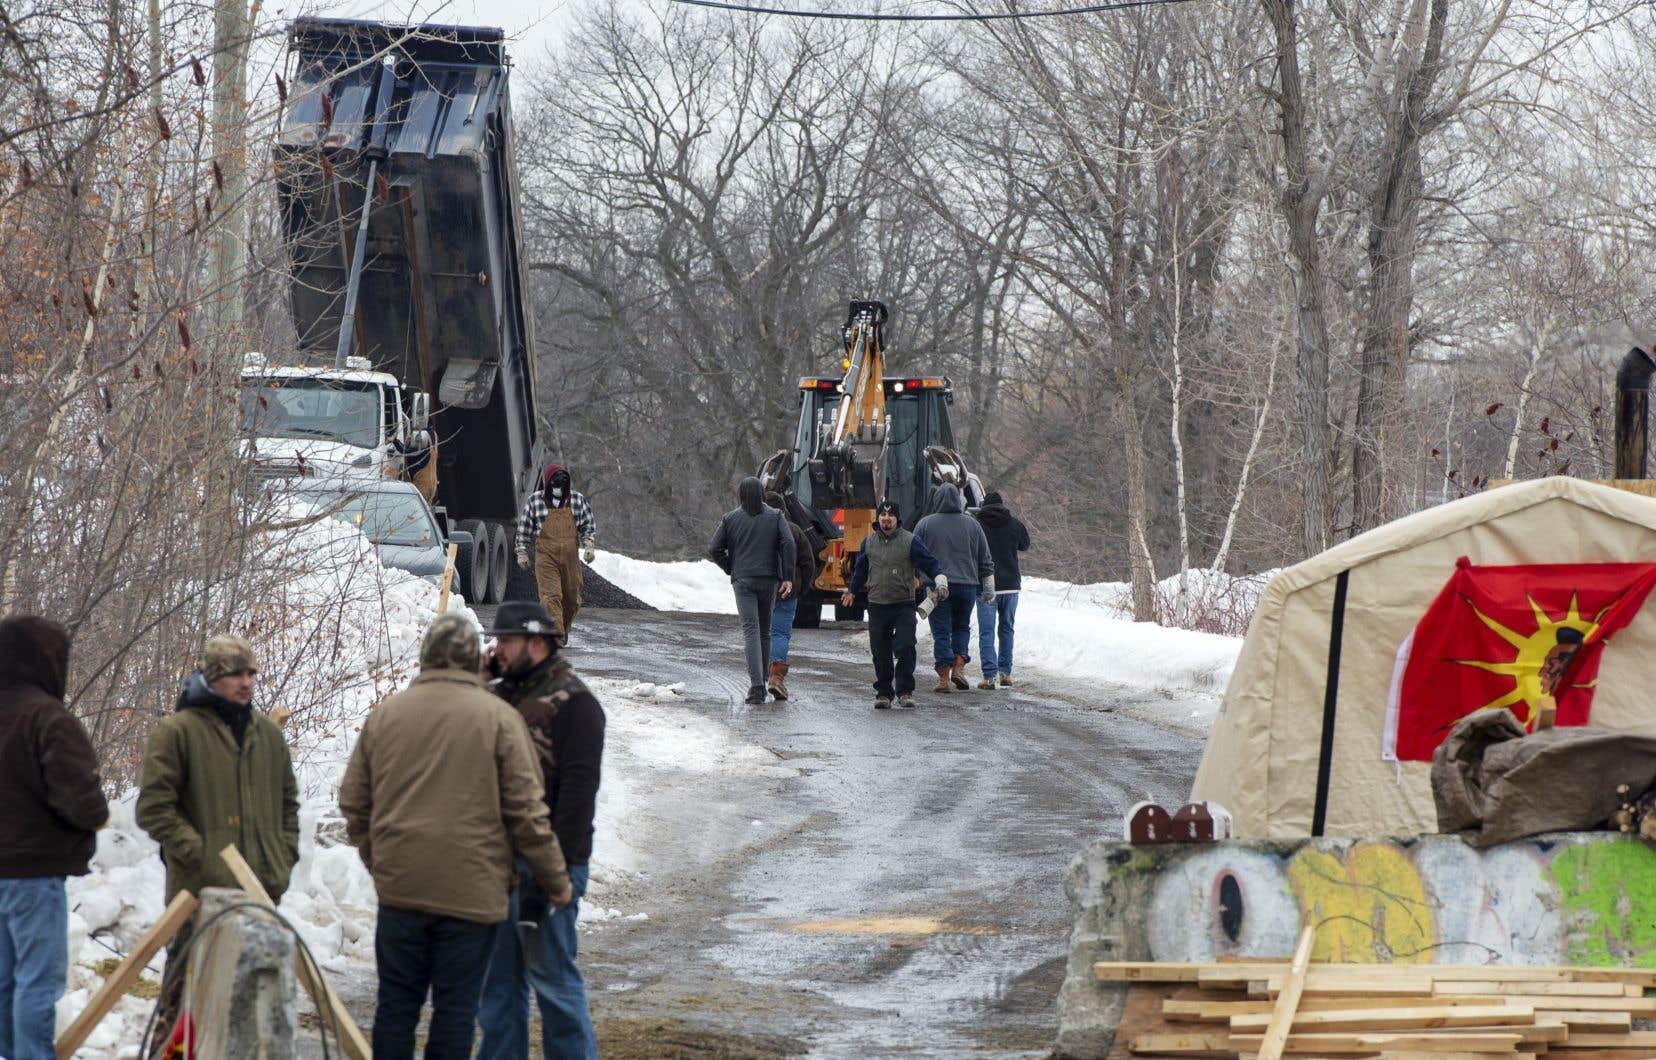 À Kahnawake, les manifestants ont renforcé leur barrage en faisant livrer des chargements de gravier sur la route qui mène au blocus.